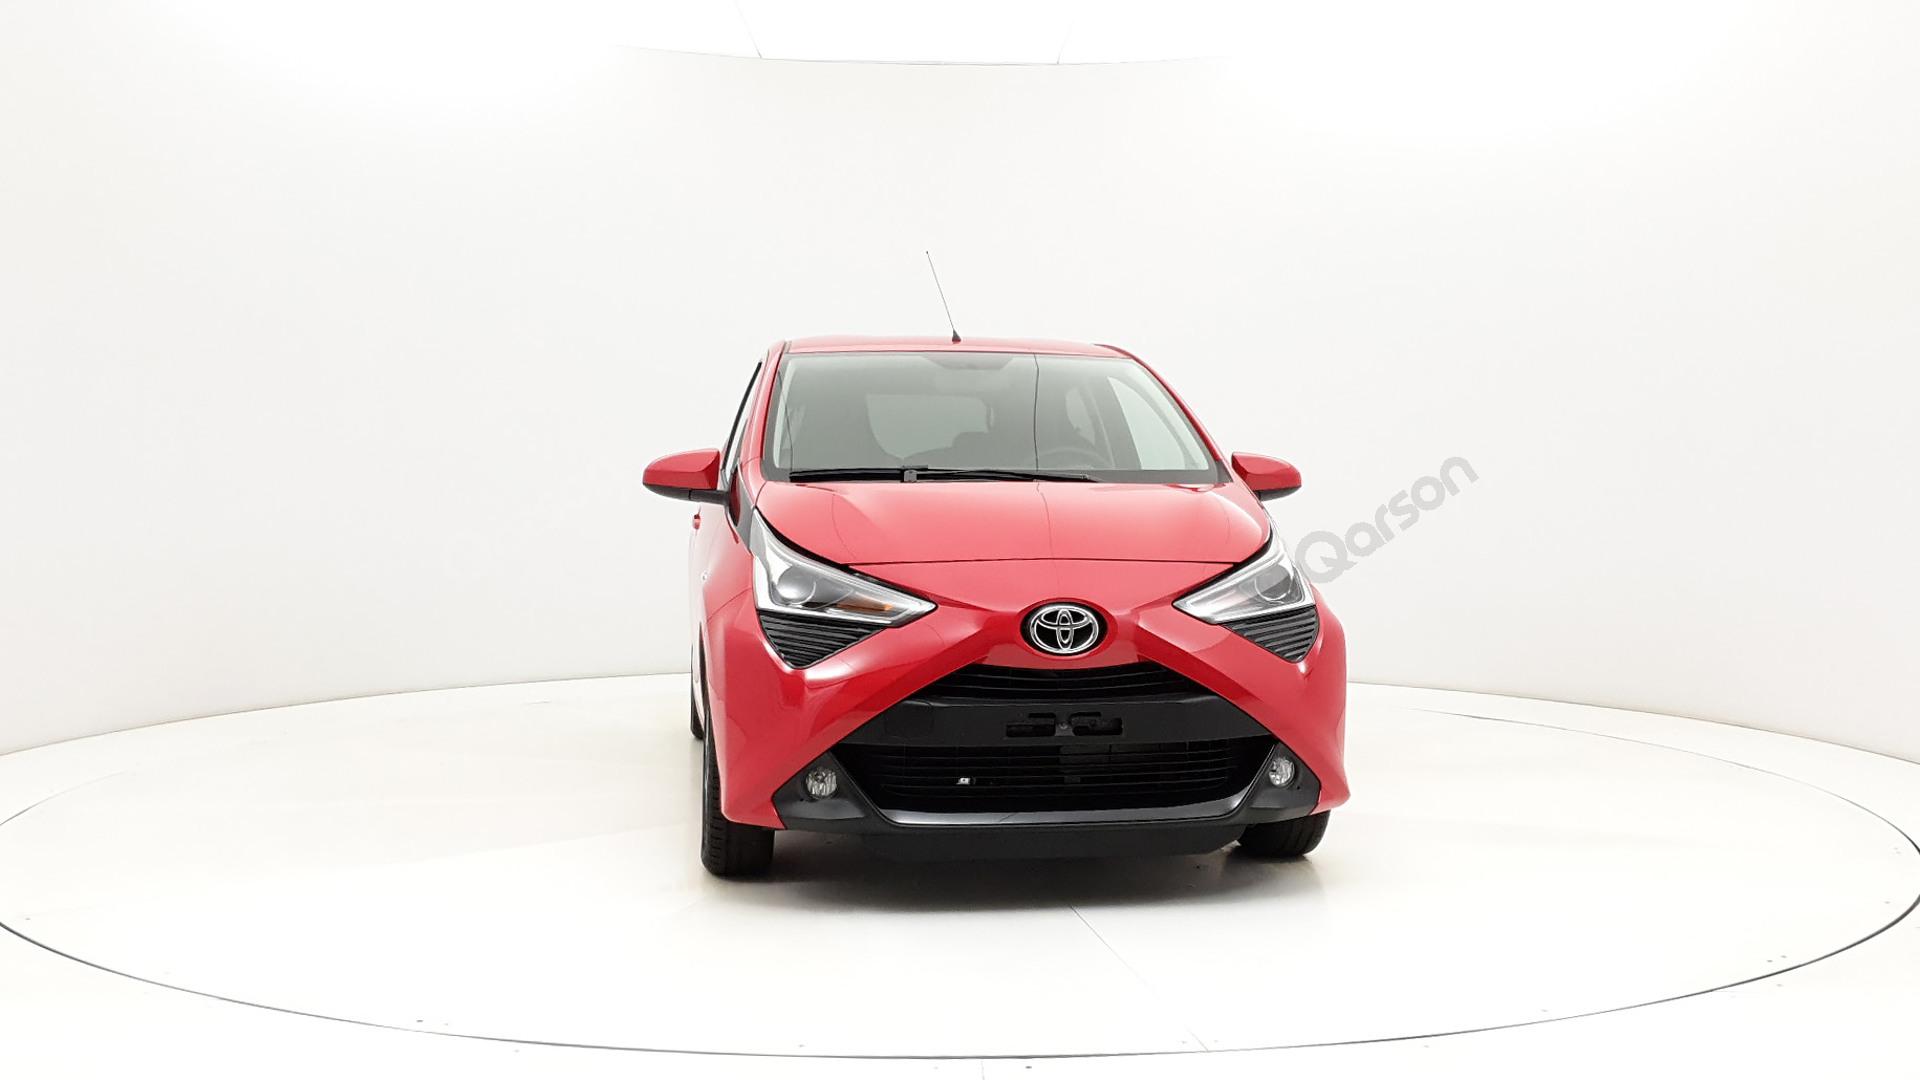 Toyota Aygo 5D Widok auta z przedniego prawego boku pod kątem 350 stopni